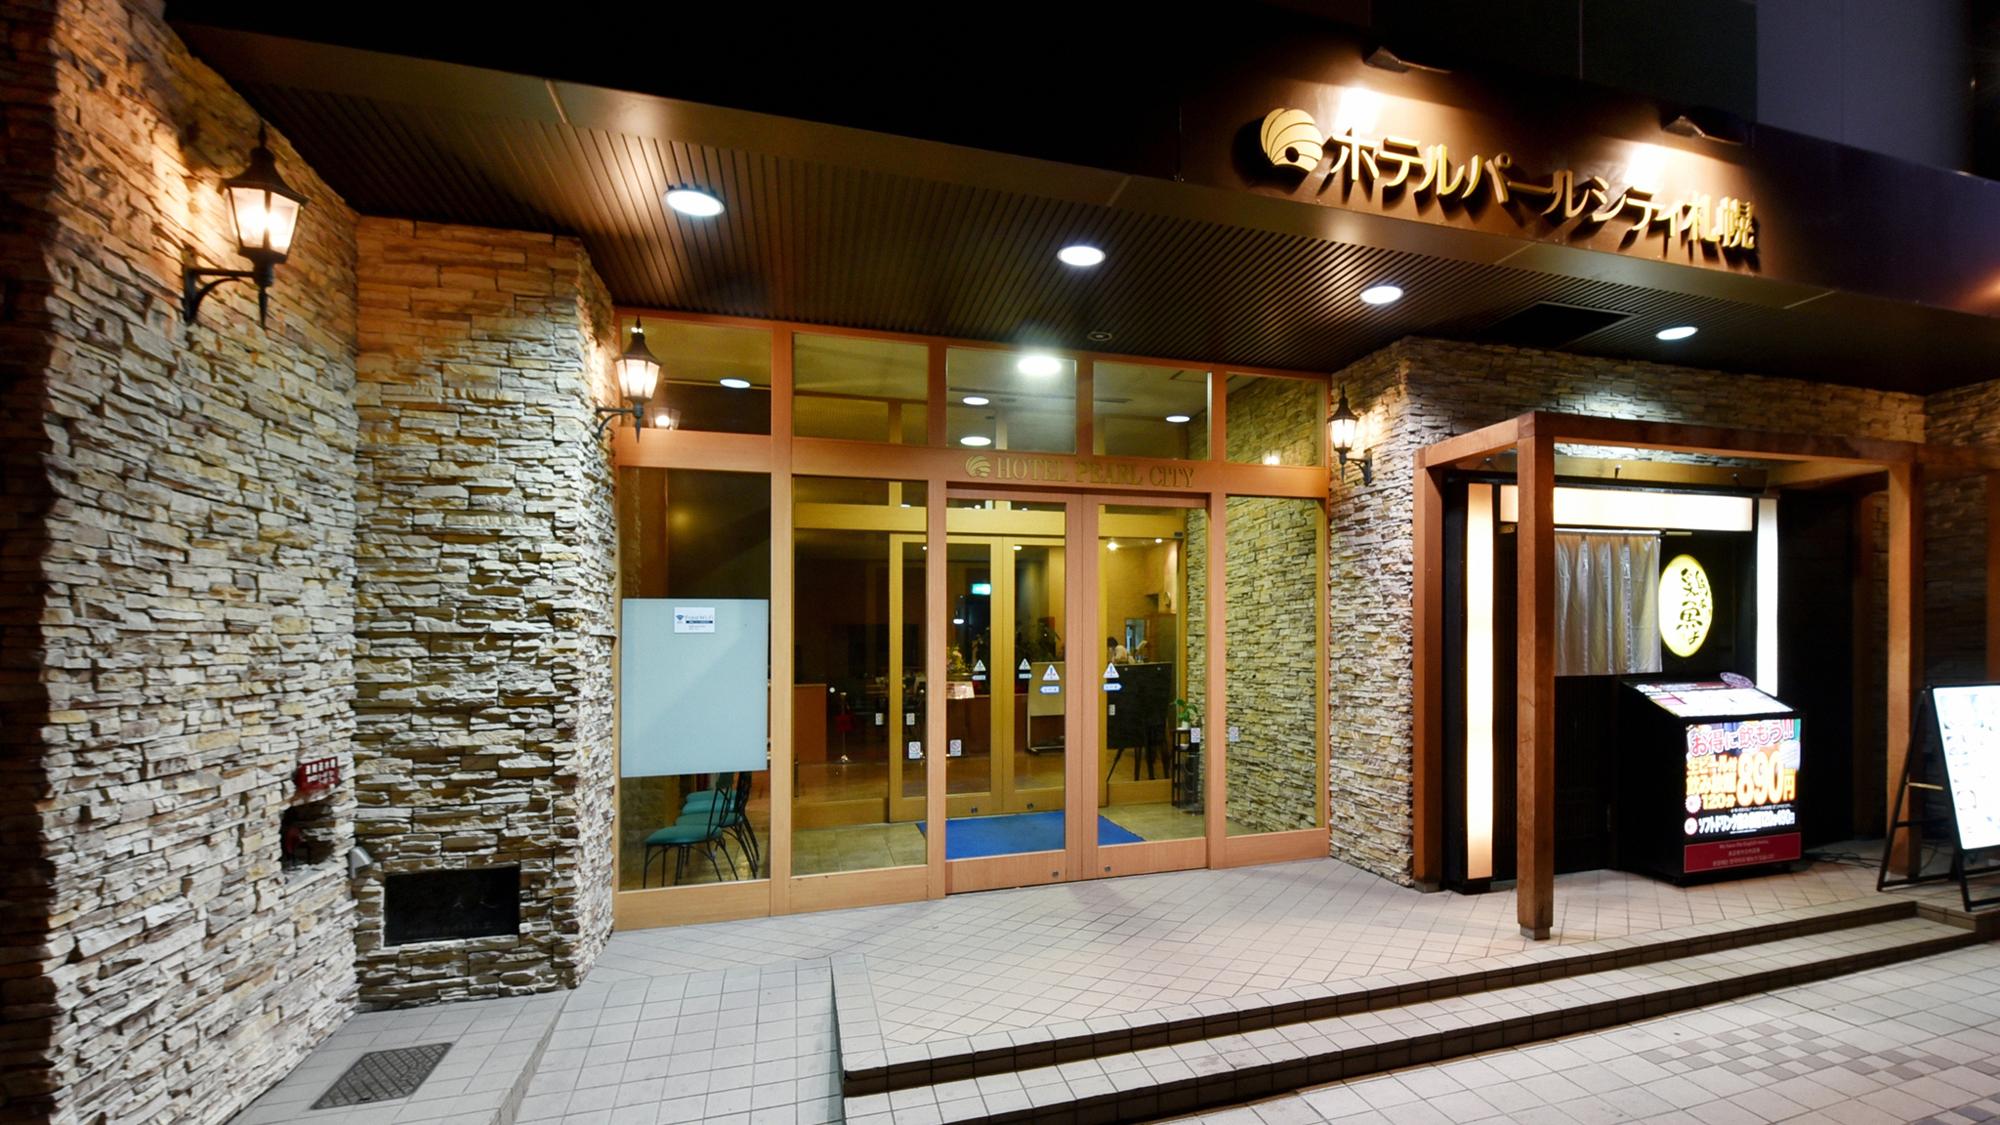 ホテル パールシティ 札幌◆楽天トラベル